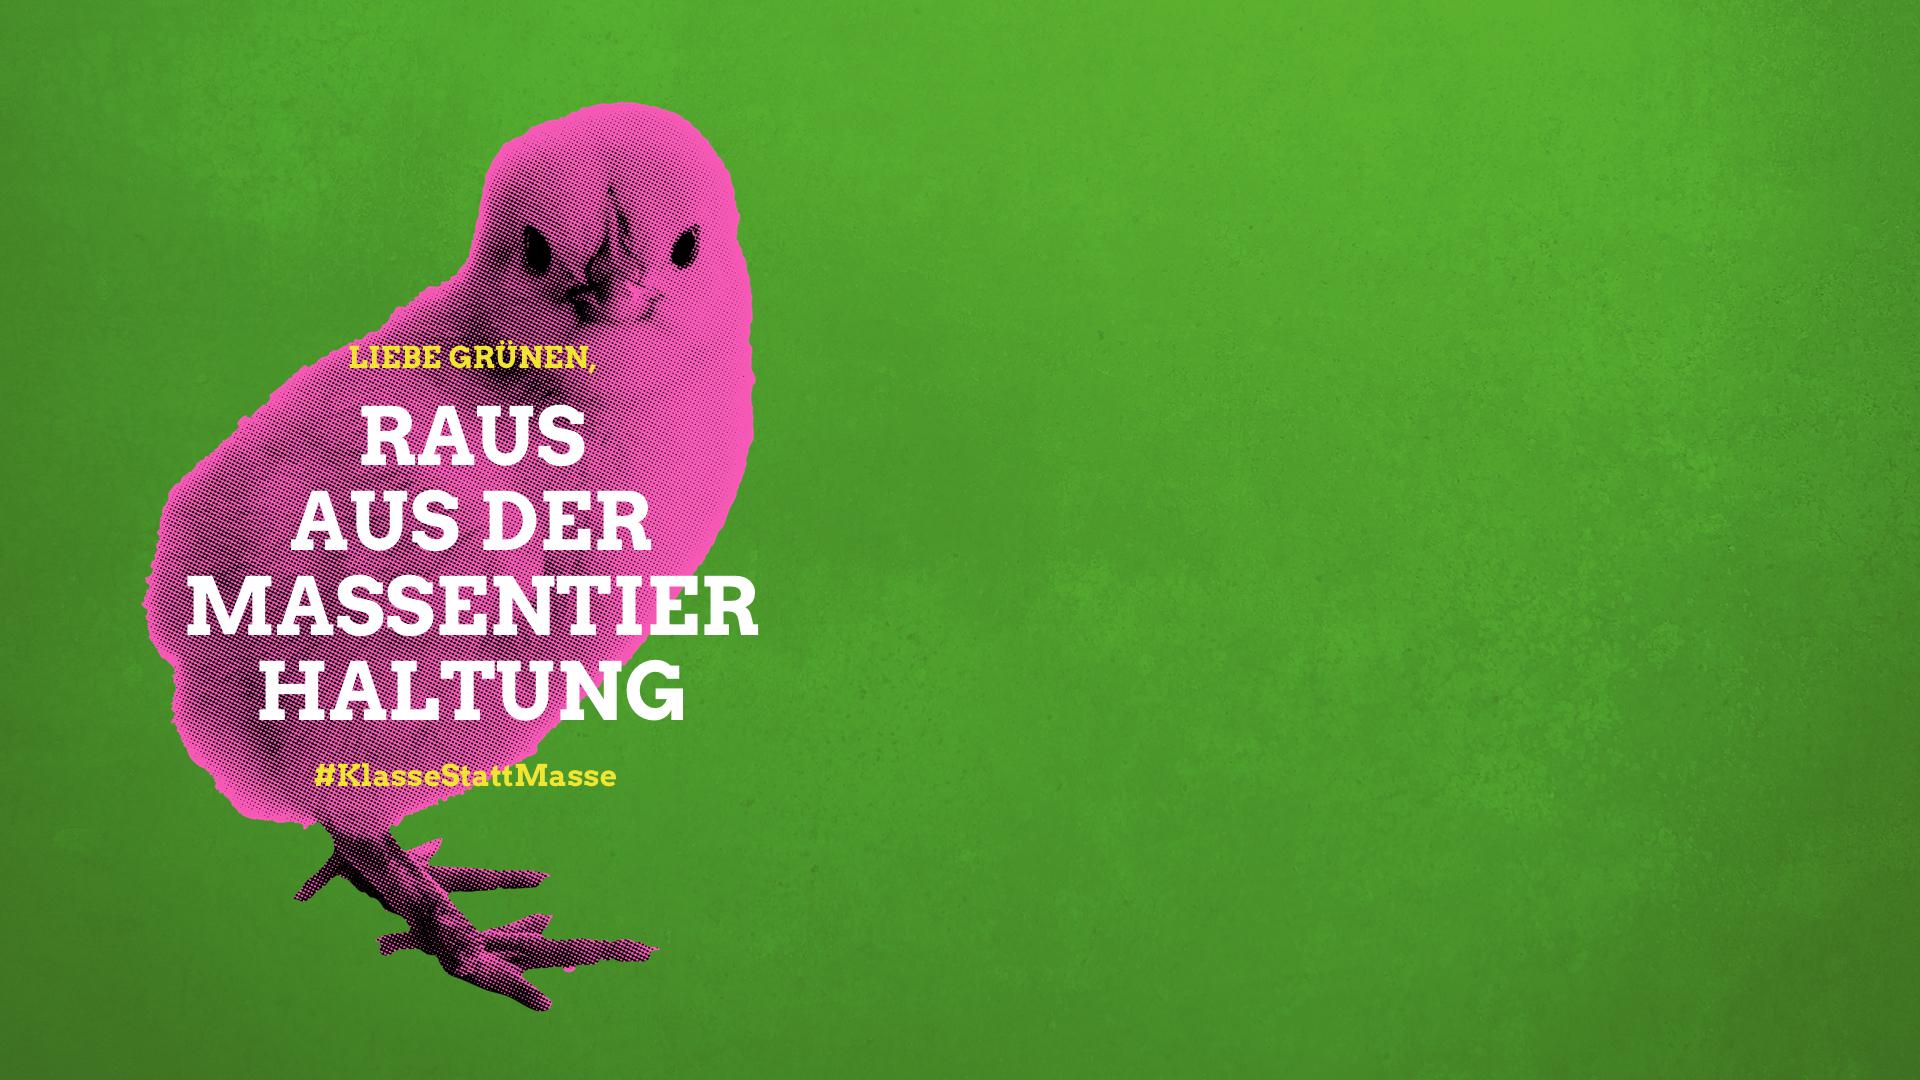 """Küken und Slogan """"Raus aus der Massentierhaltung"""""""